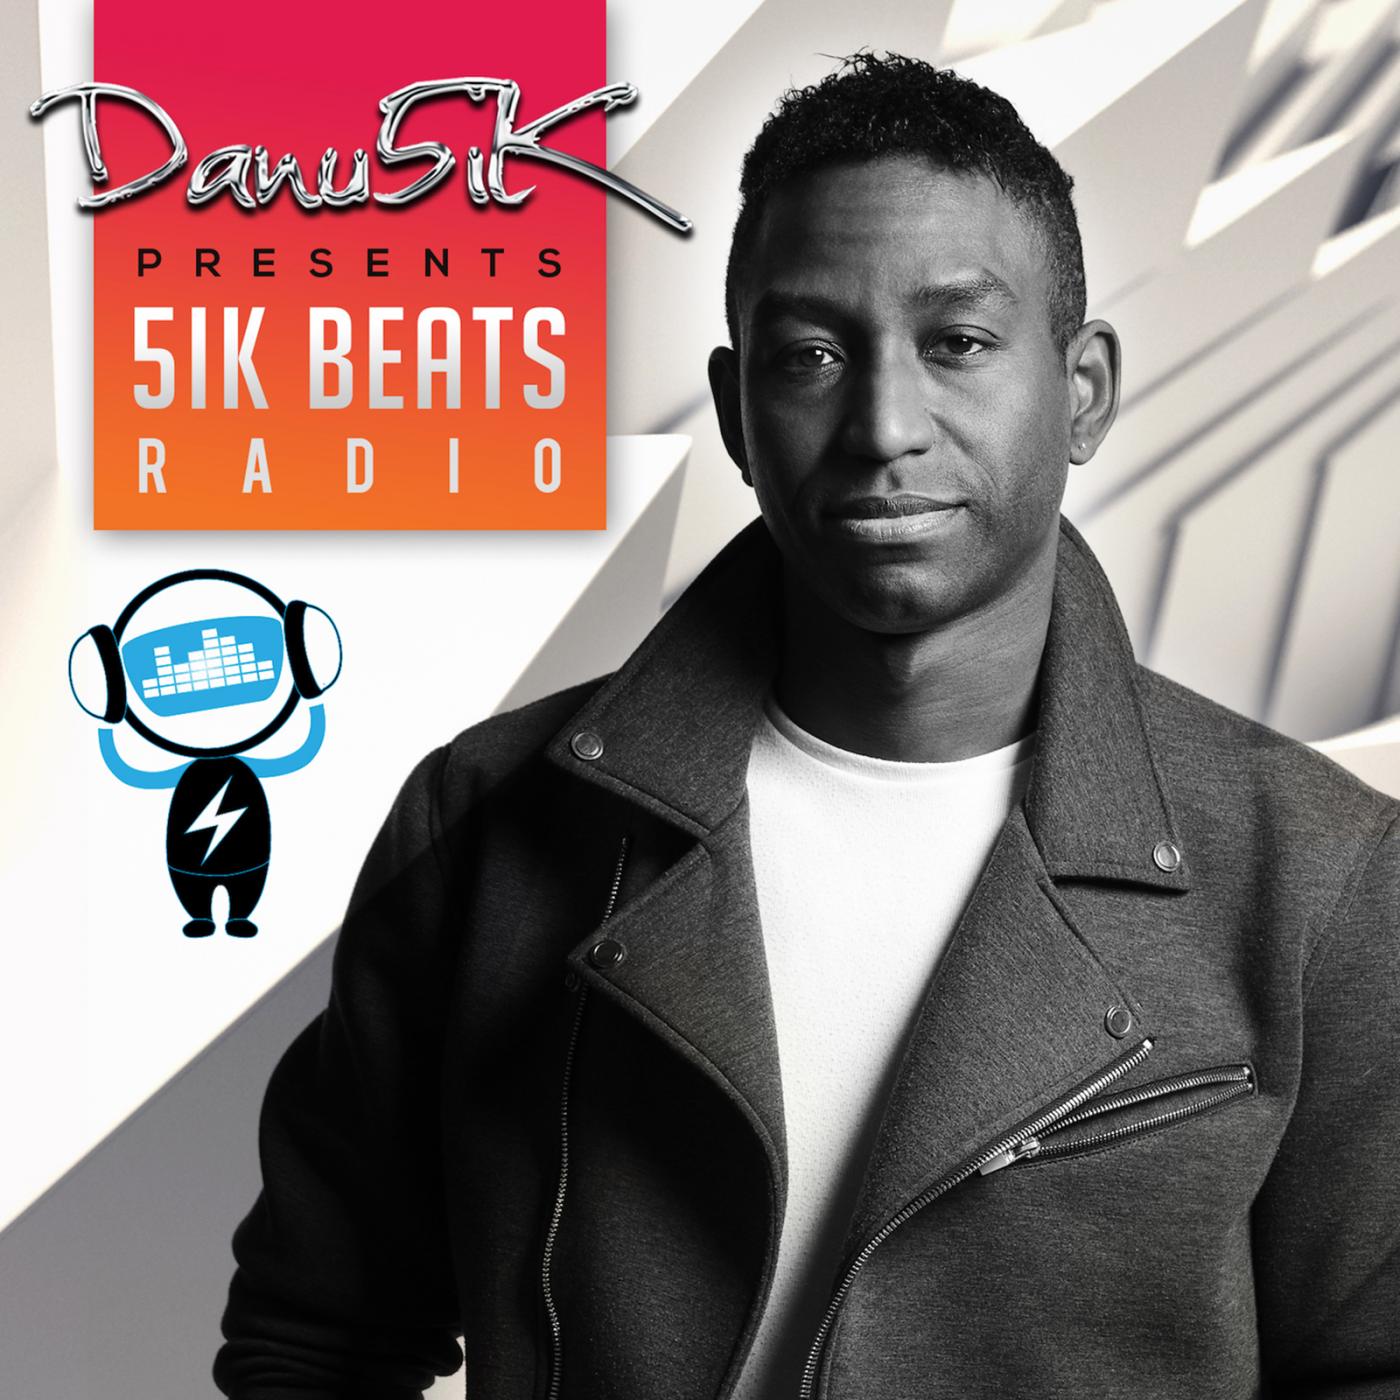 5ik Beats Radio 091 | Danu5ik